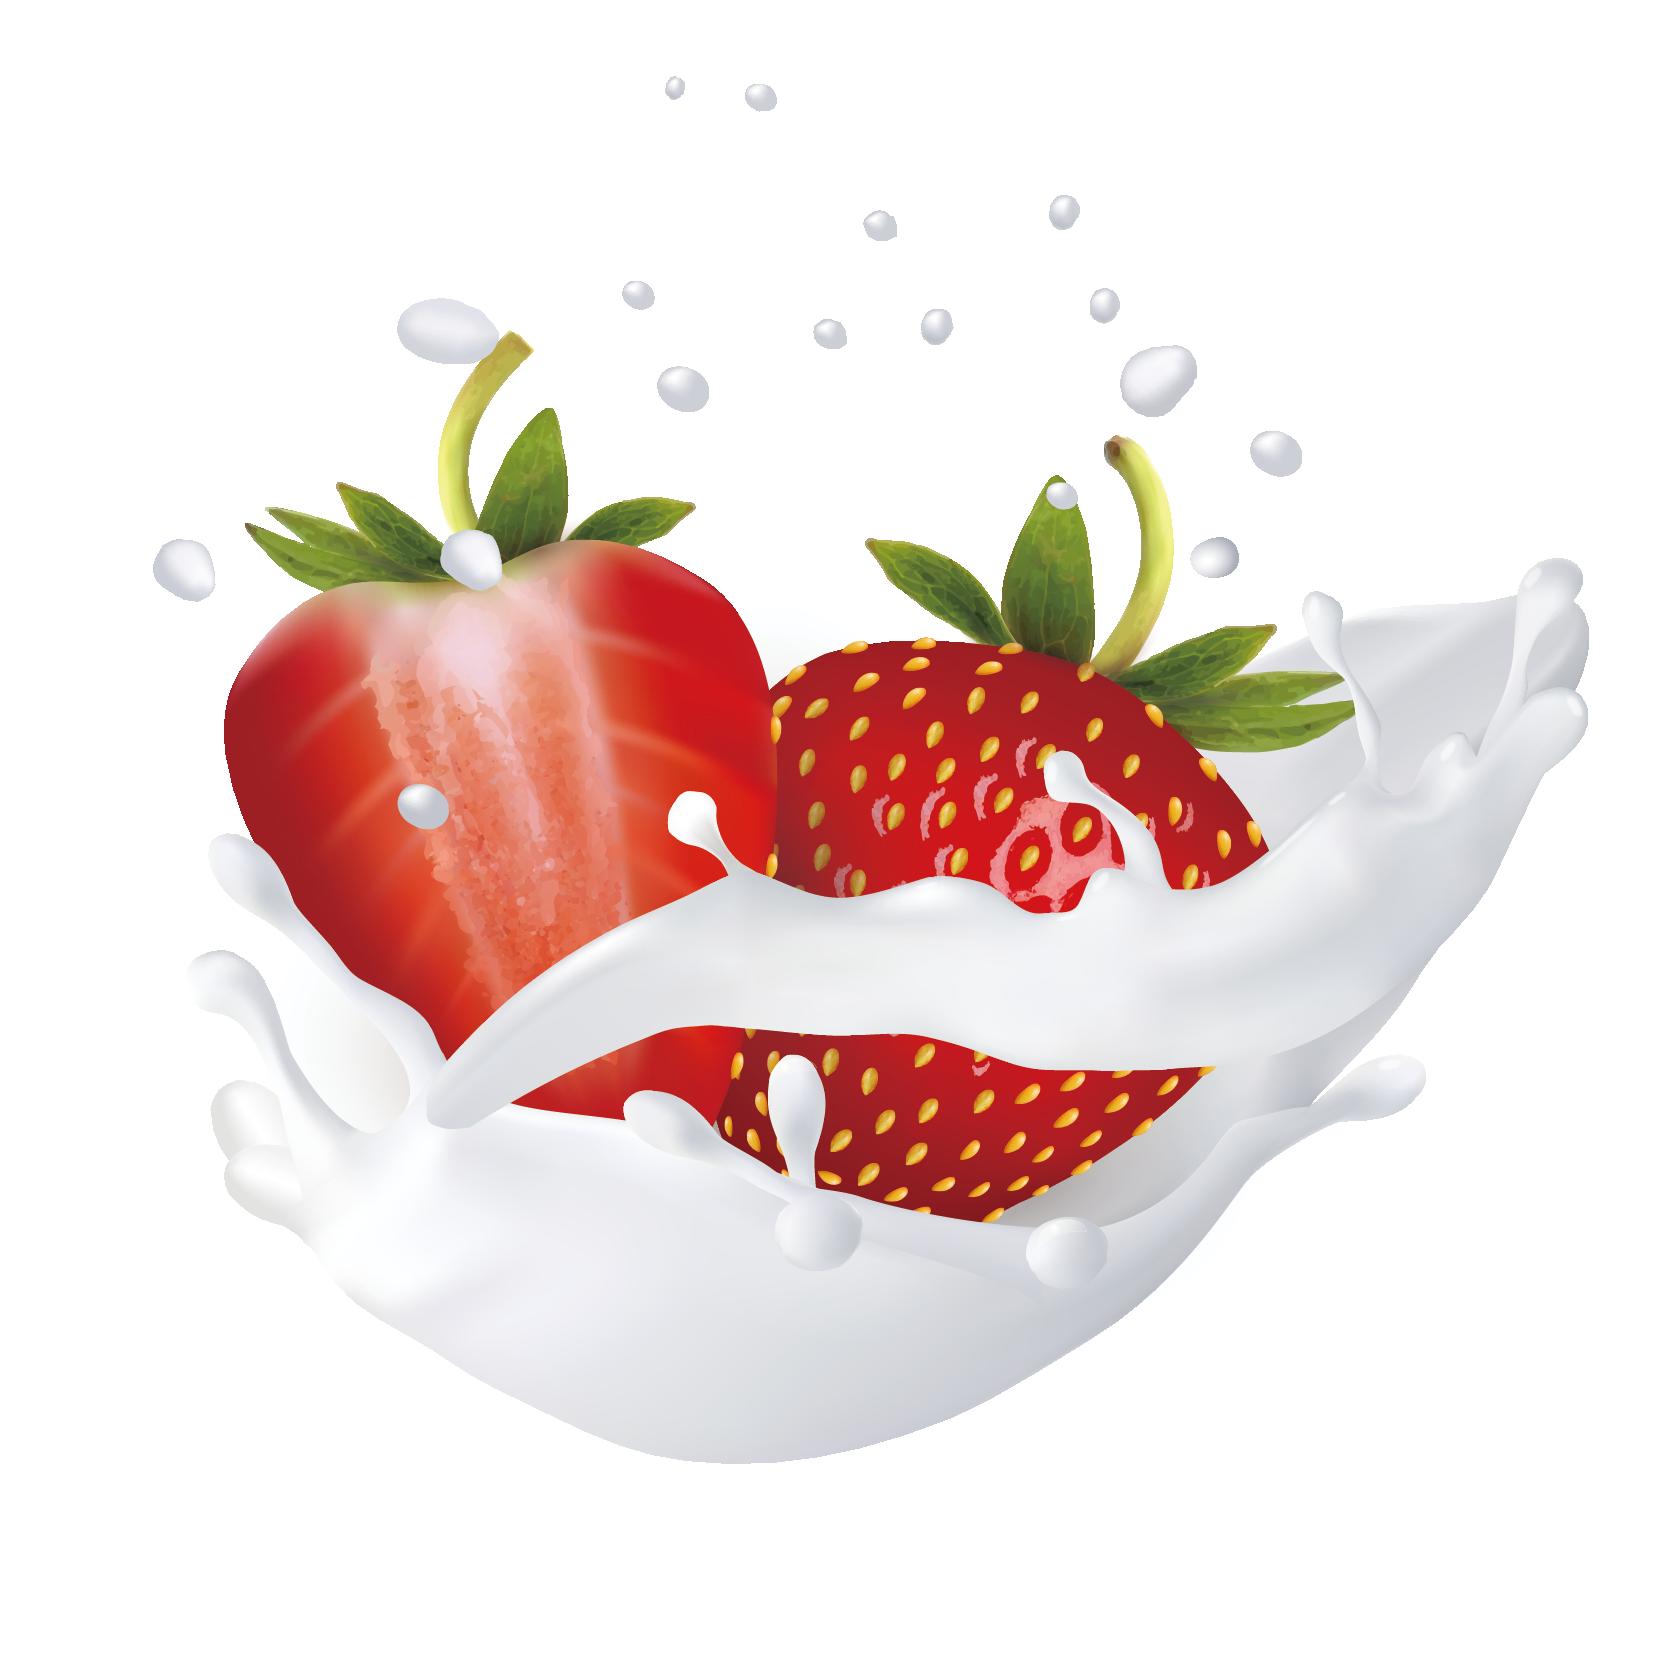 Strawberries clipart splash. Flavored milk peach hand